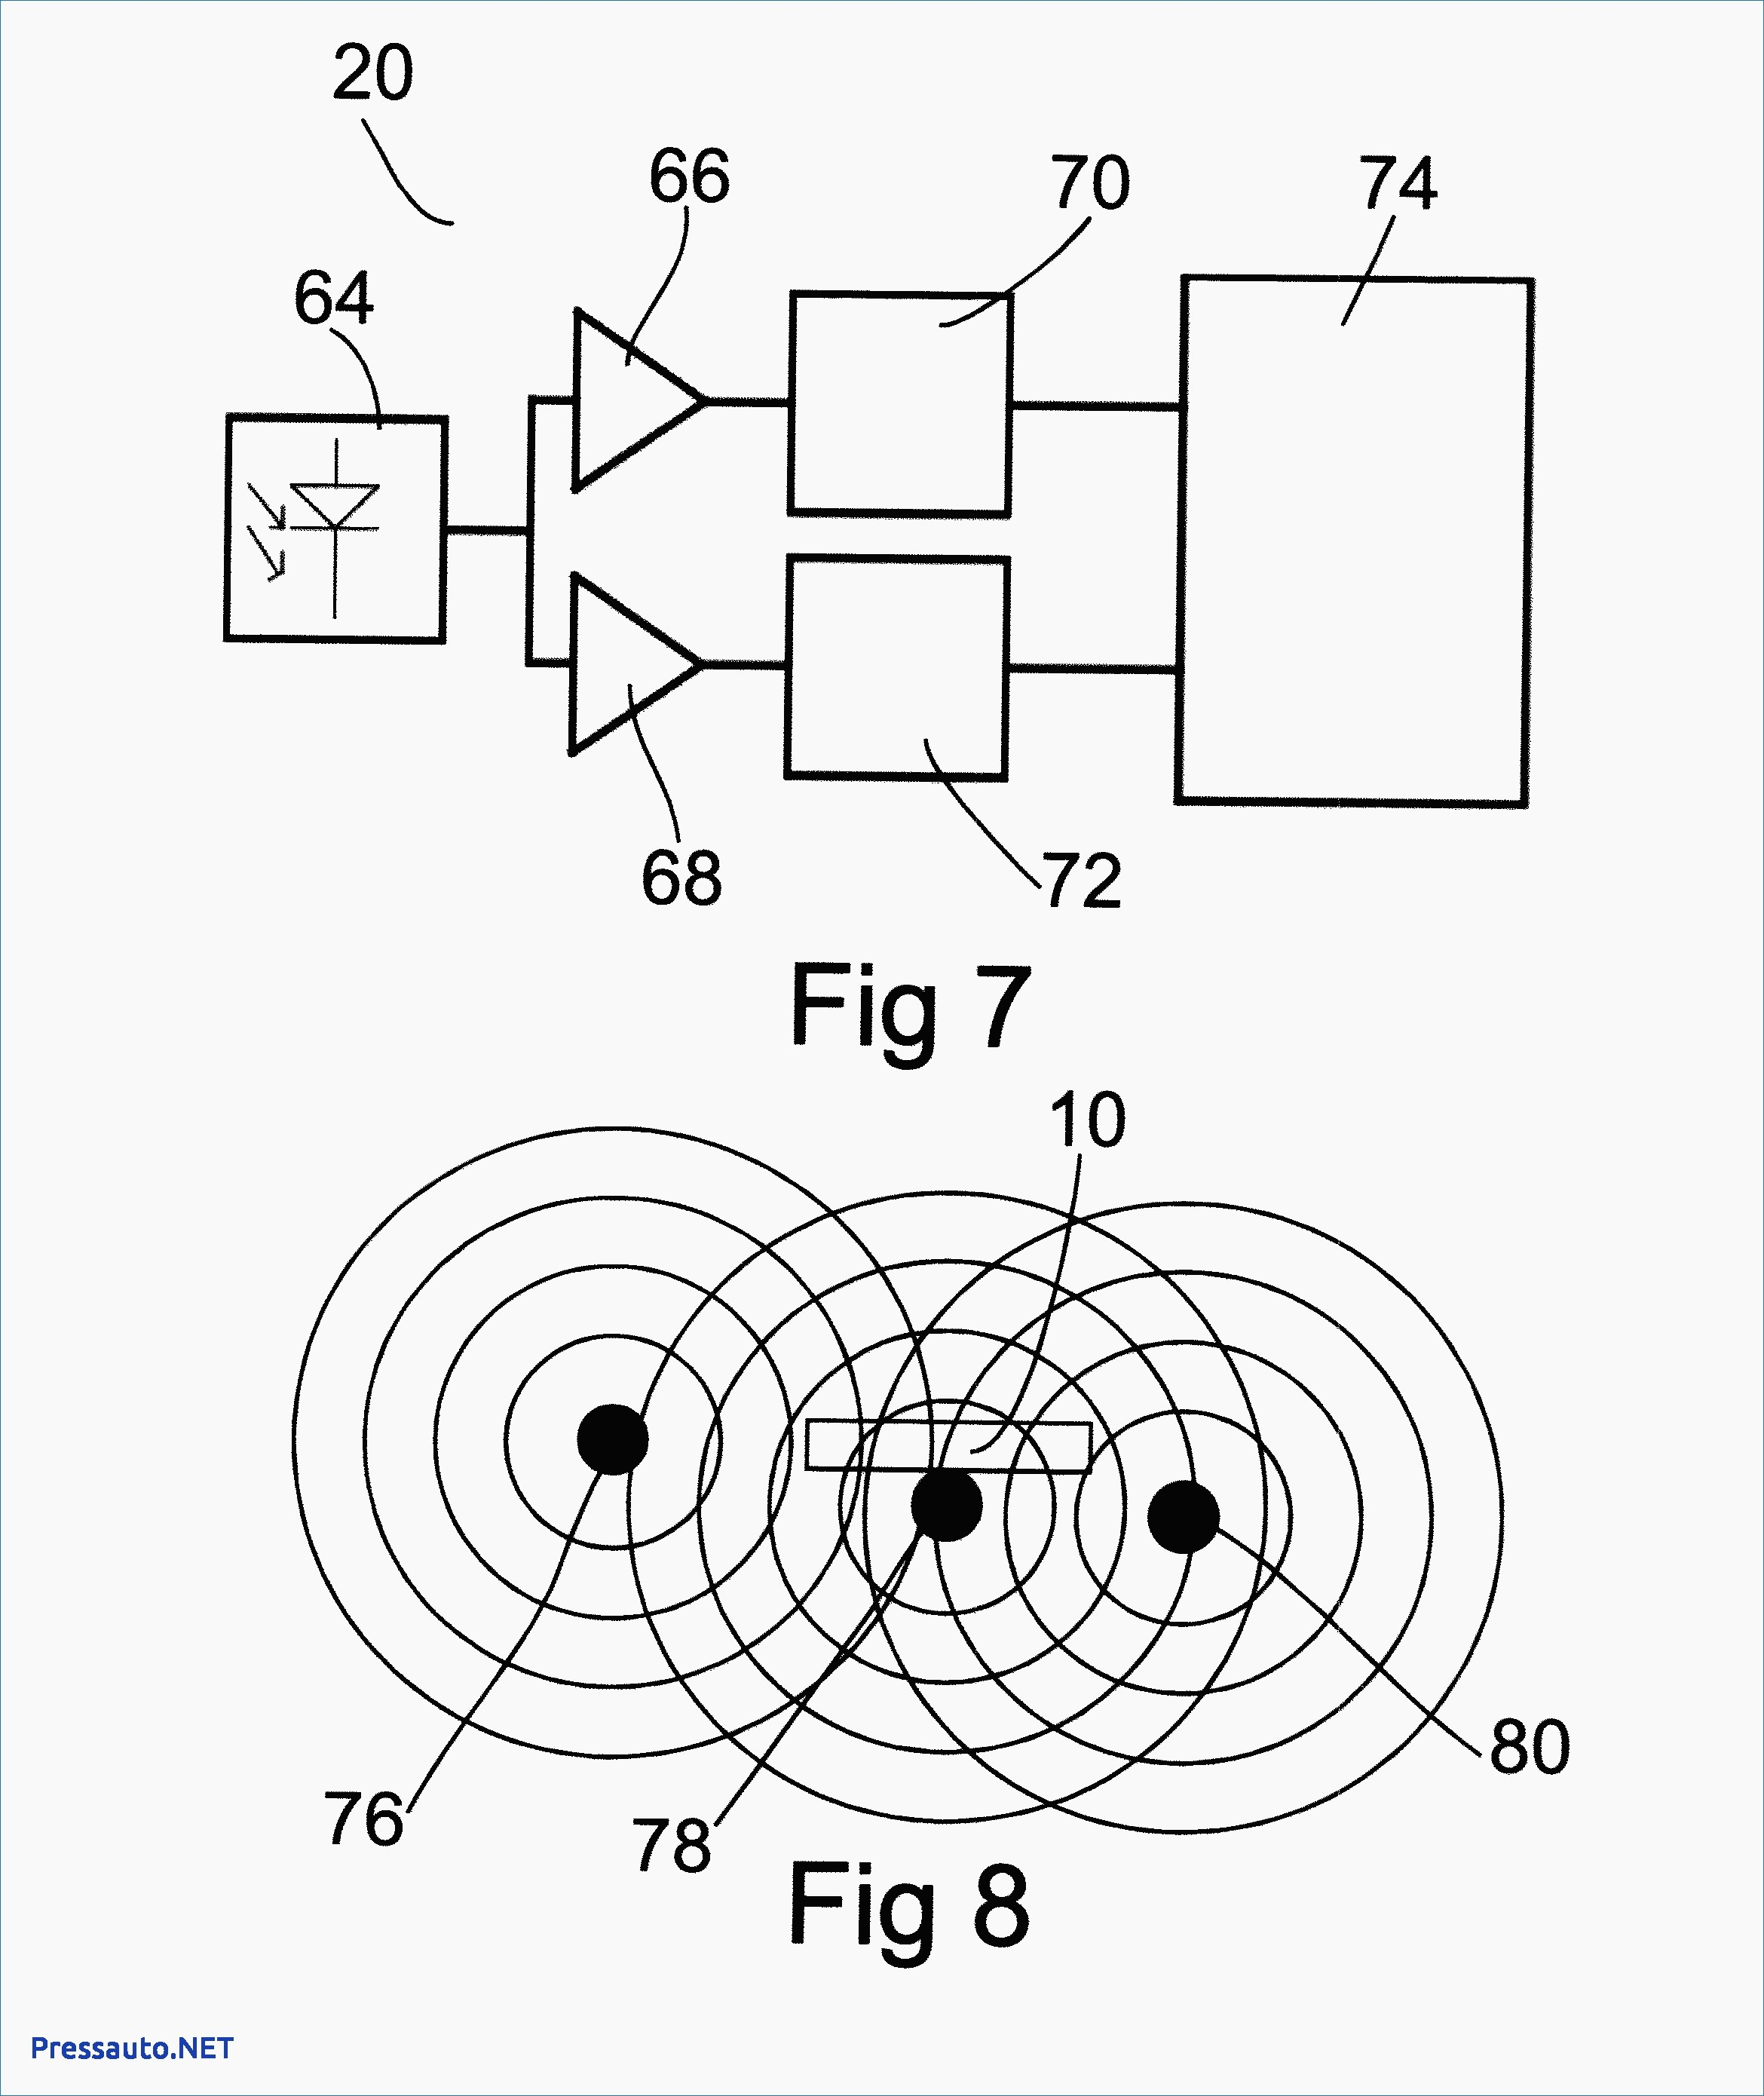 Nema L14 30 Wiring Diagram Twist Lock Plug Free Inside And Within 20 - 20 Amp Twist Lock Plug Wiring Diagram